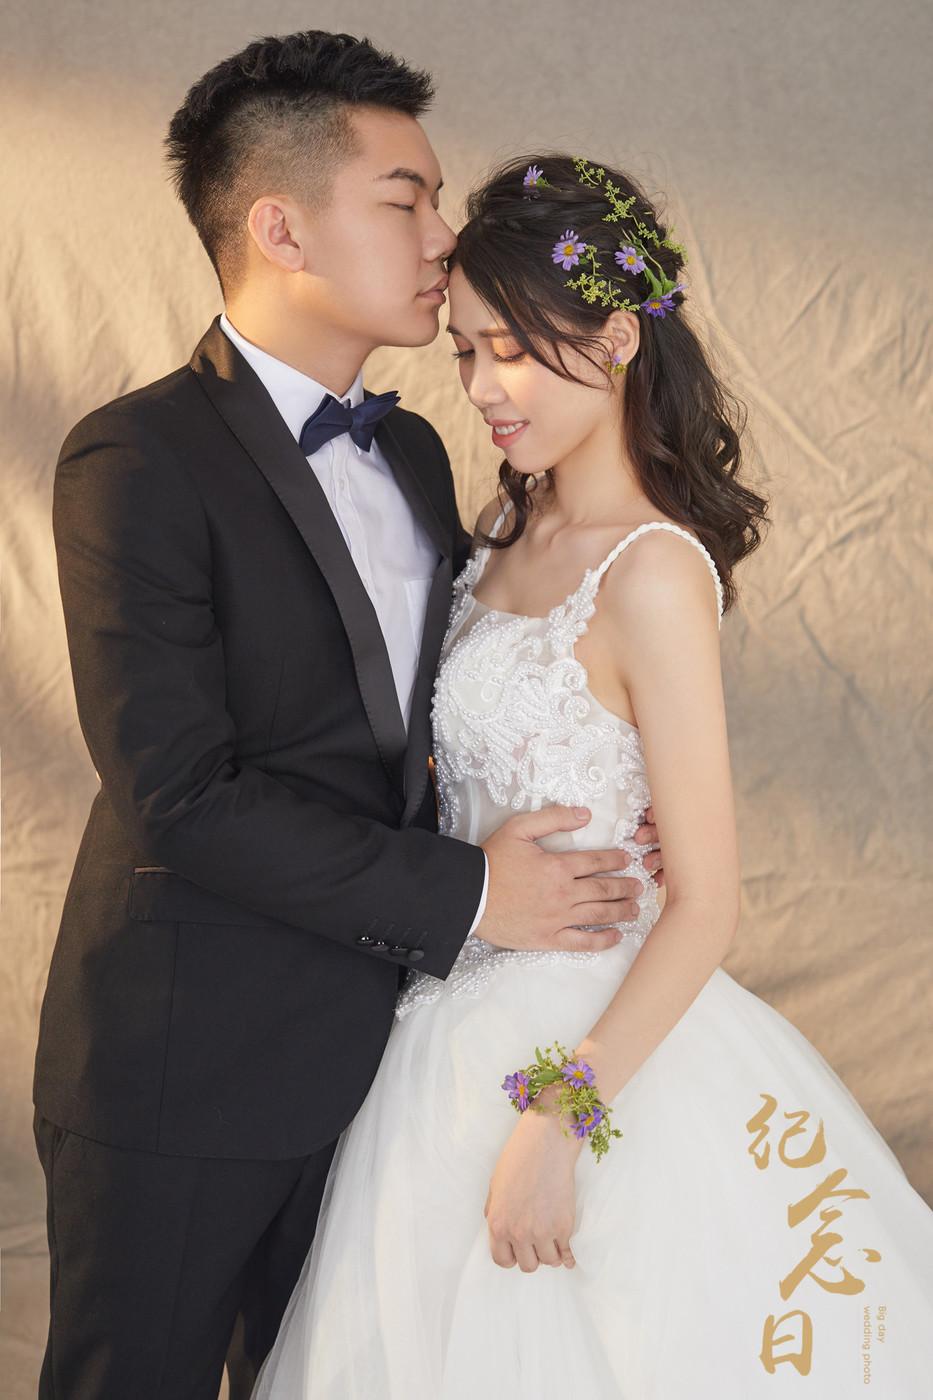 婚纱 | 嘉颖&靖怡5